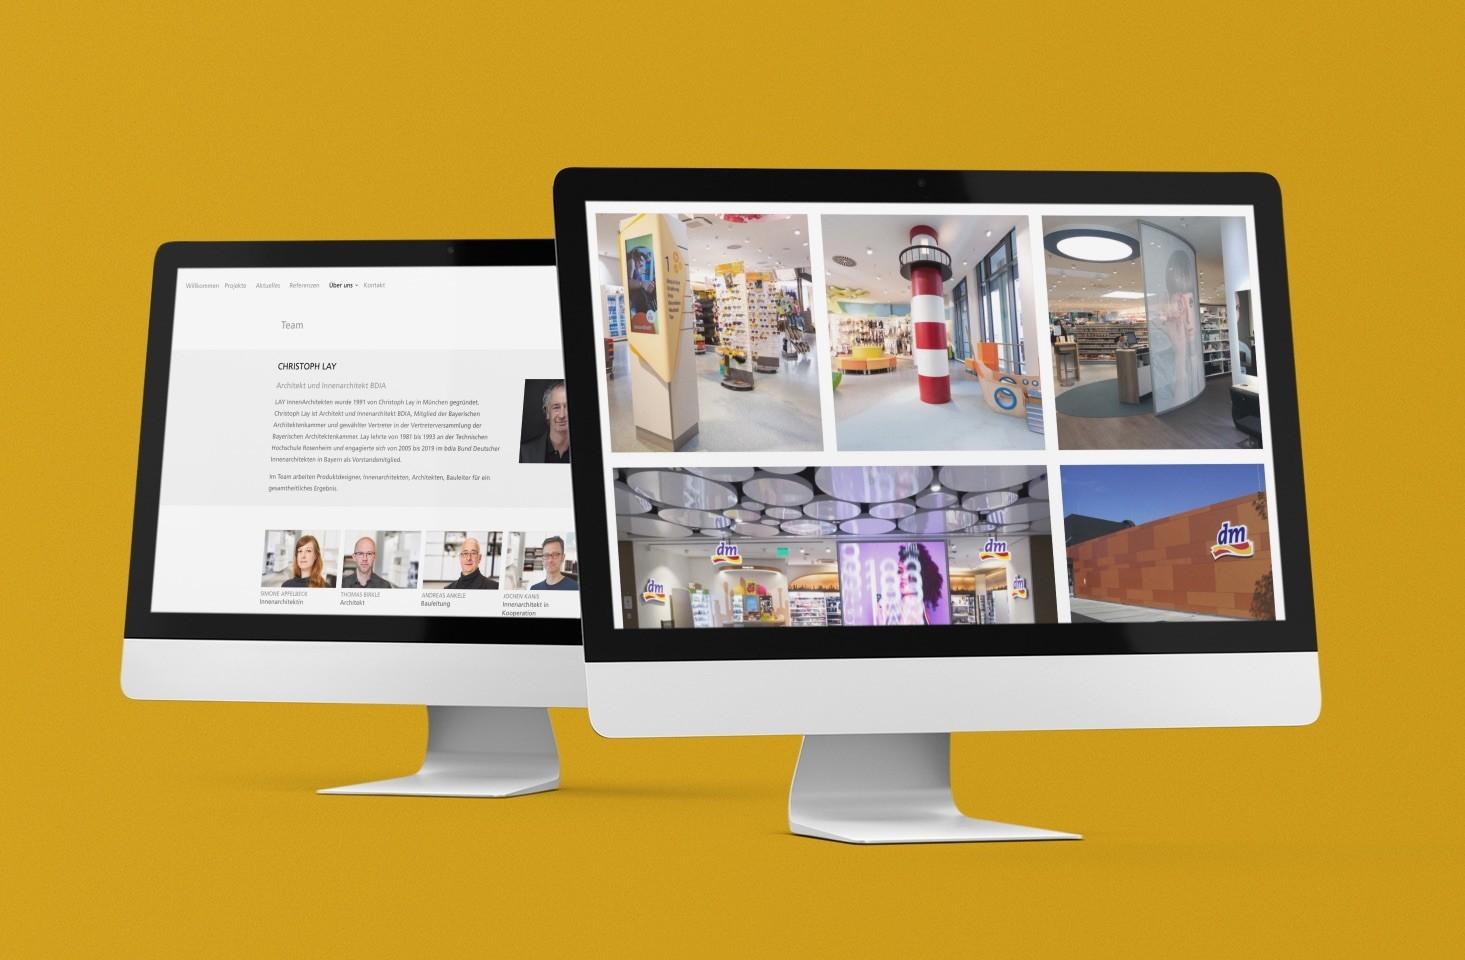 Neue Website für Münchner Innenarchitekten: lay-architekten.de (Screenshots; Collage: ericsturm.de)